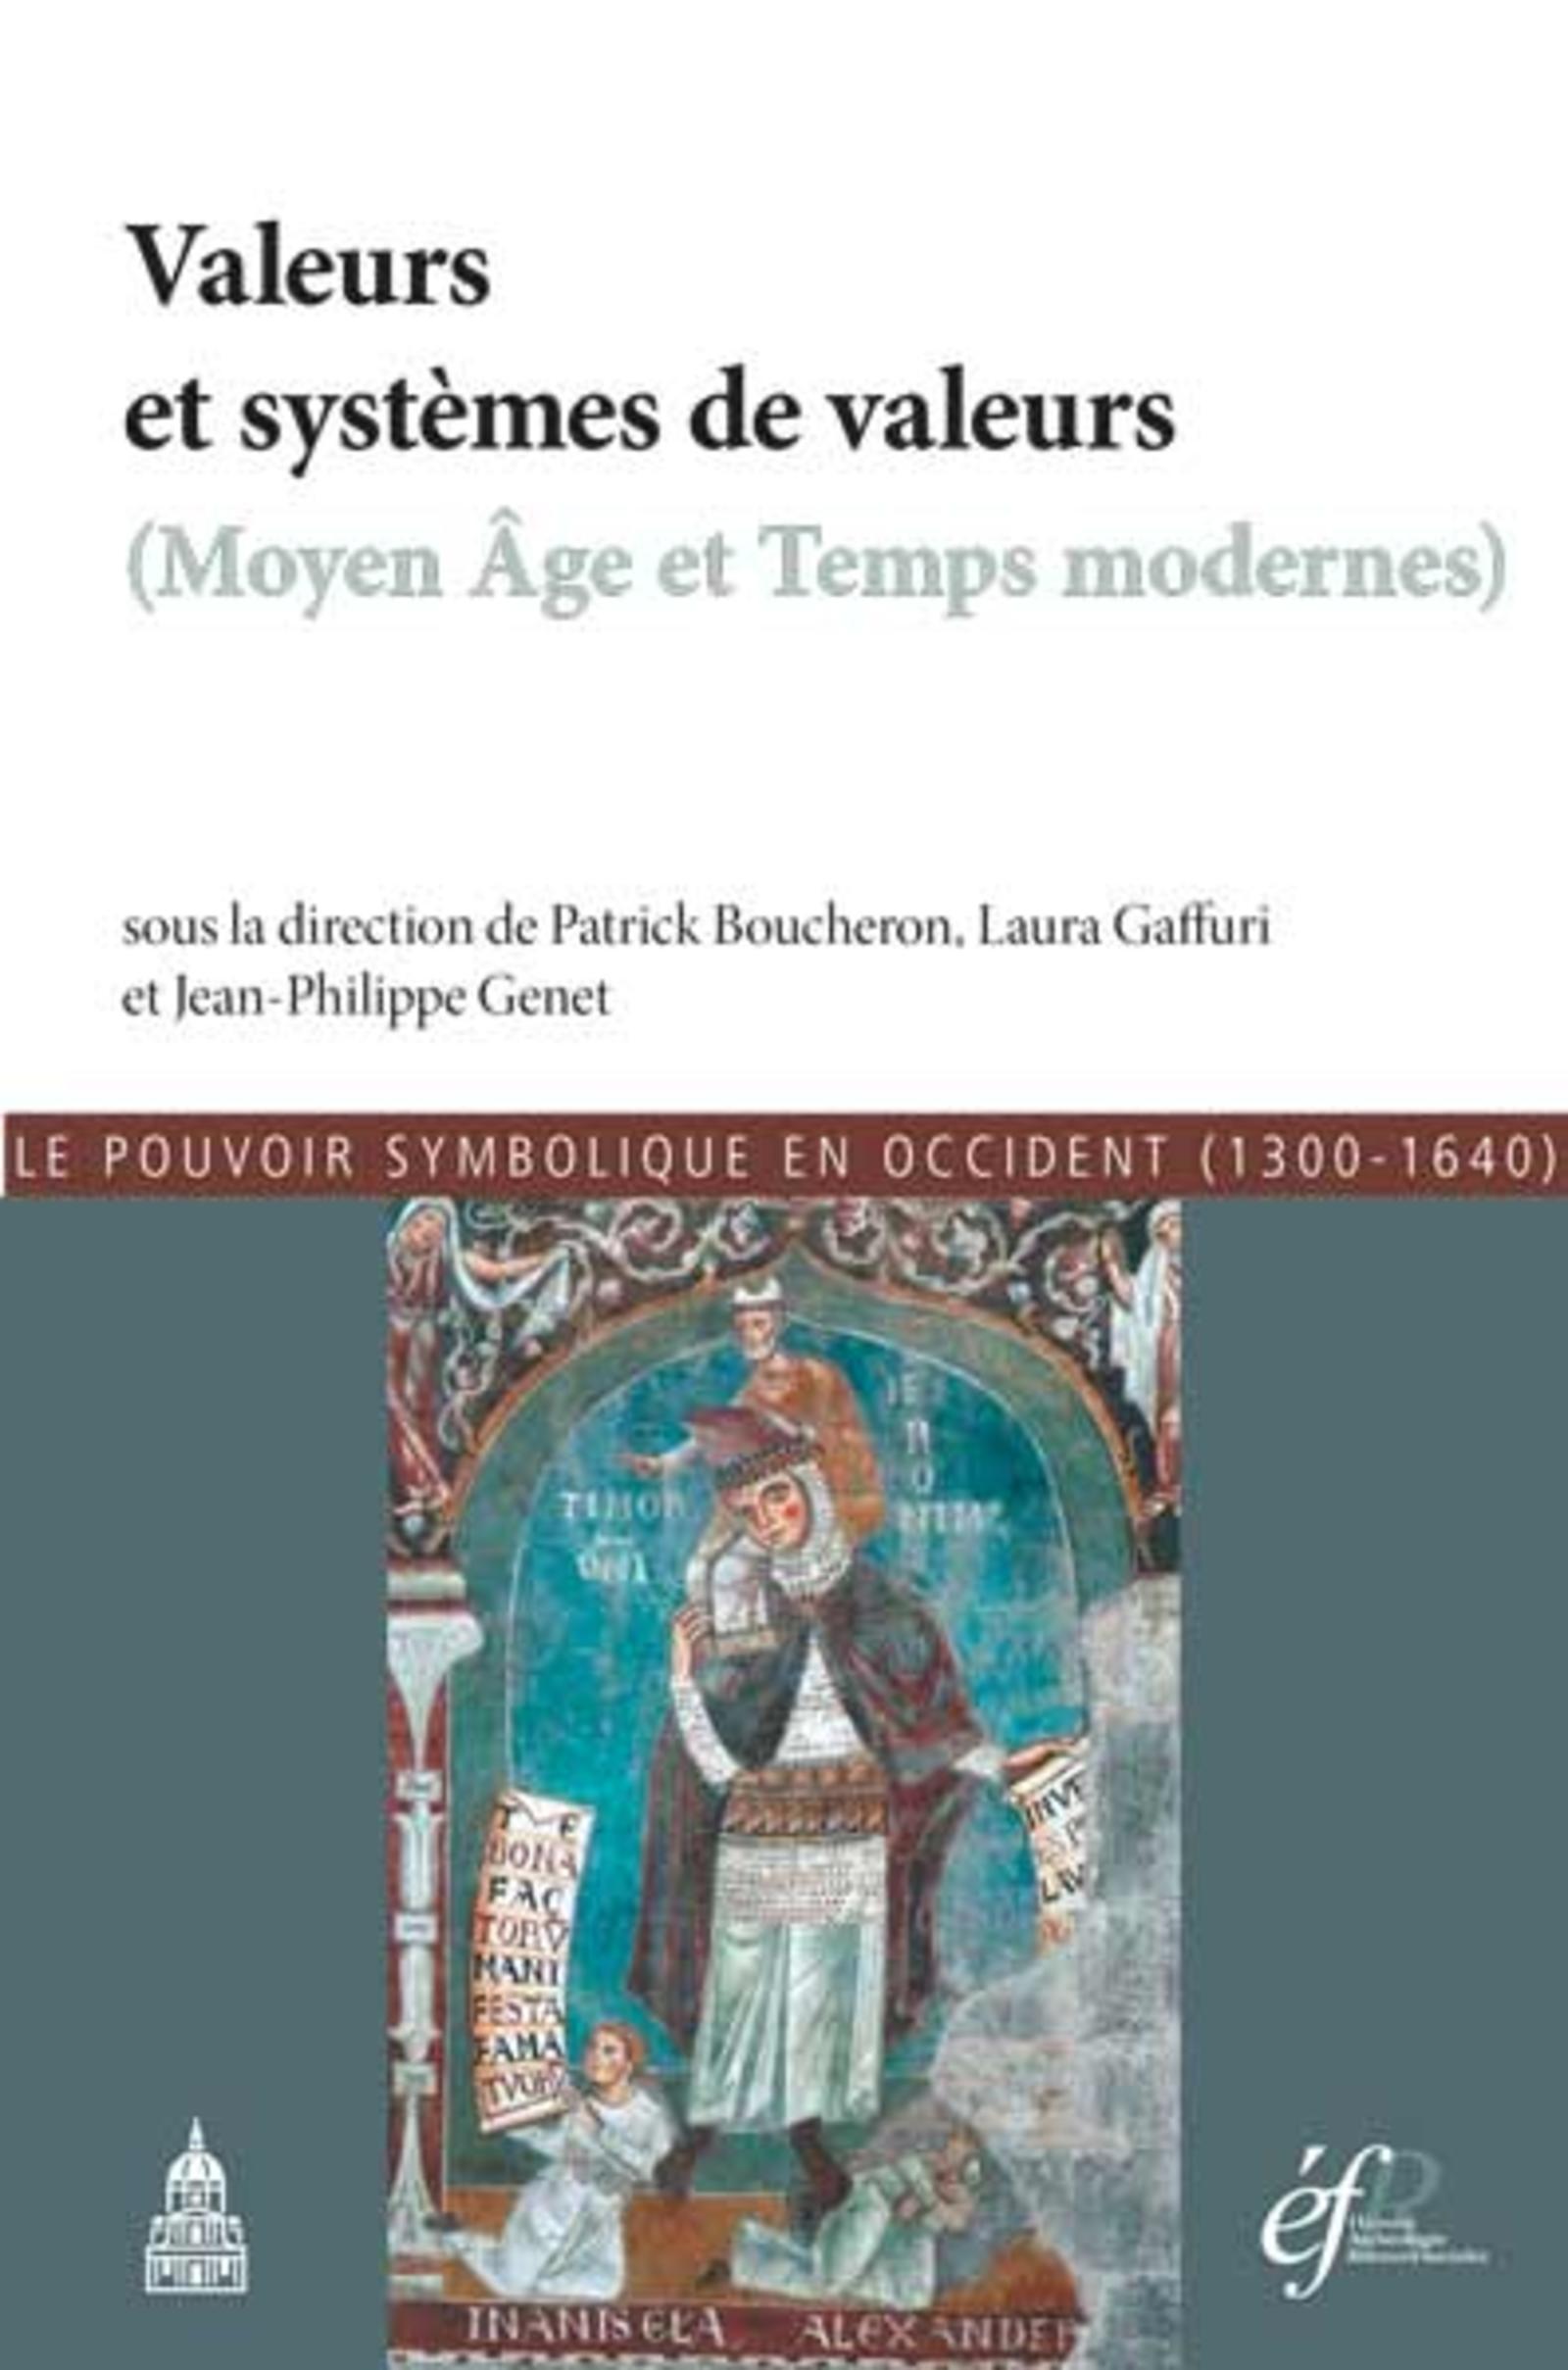 VALEURS ET SYSTEMES DE VALEURS MOYEN AGE ET TEMPS MODERNES - LE POUVOIR SYMBOLIQUE EN OCCIDENT 1300